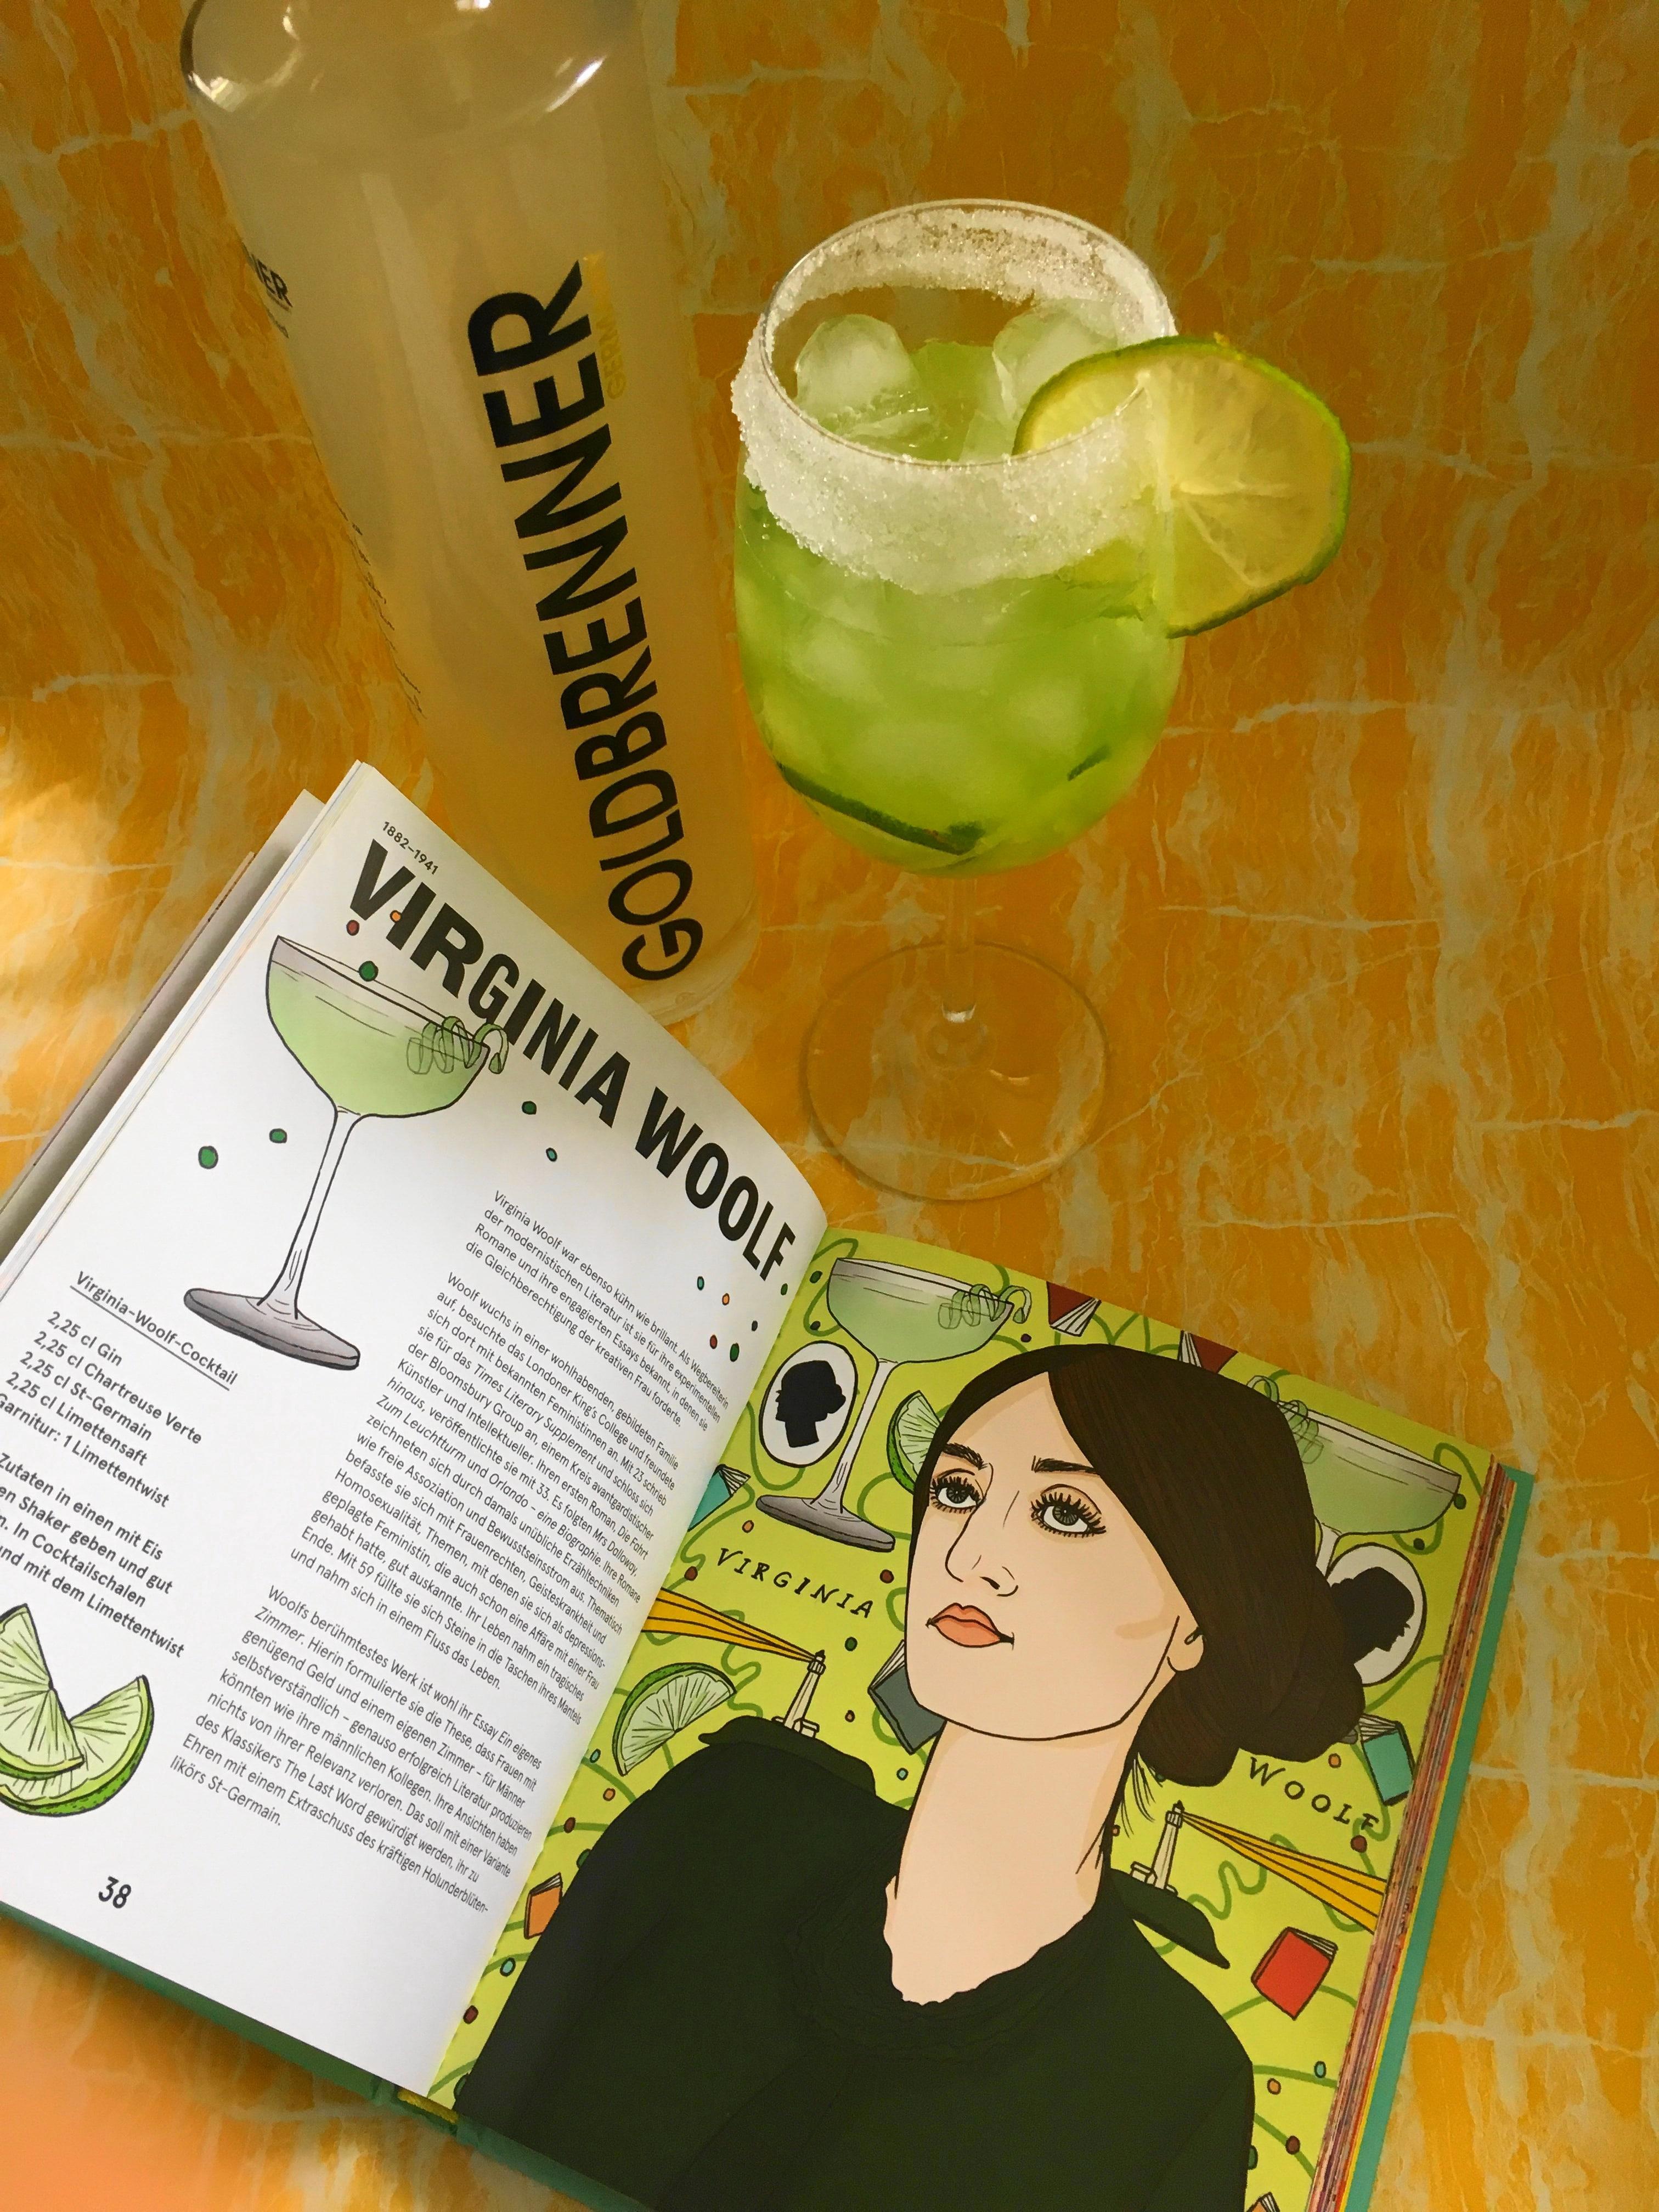 Goldbrenner Gin ist der welterste naturtrübe Gin mit hochwertigem Aroma. Ich stelle euch heute die kultige neue Marke mit einem leckeren Cocktailrezept vor.